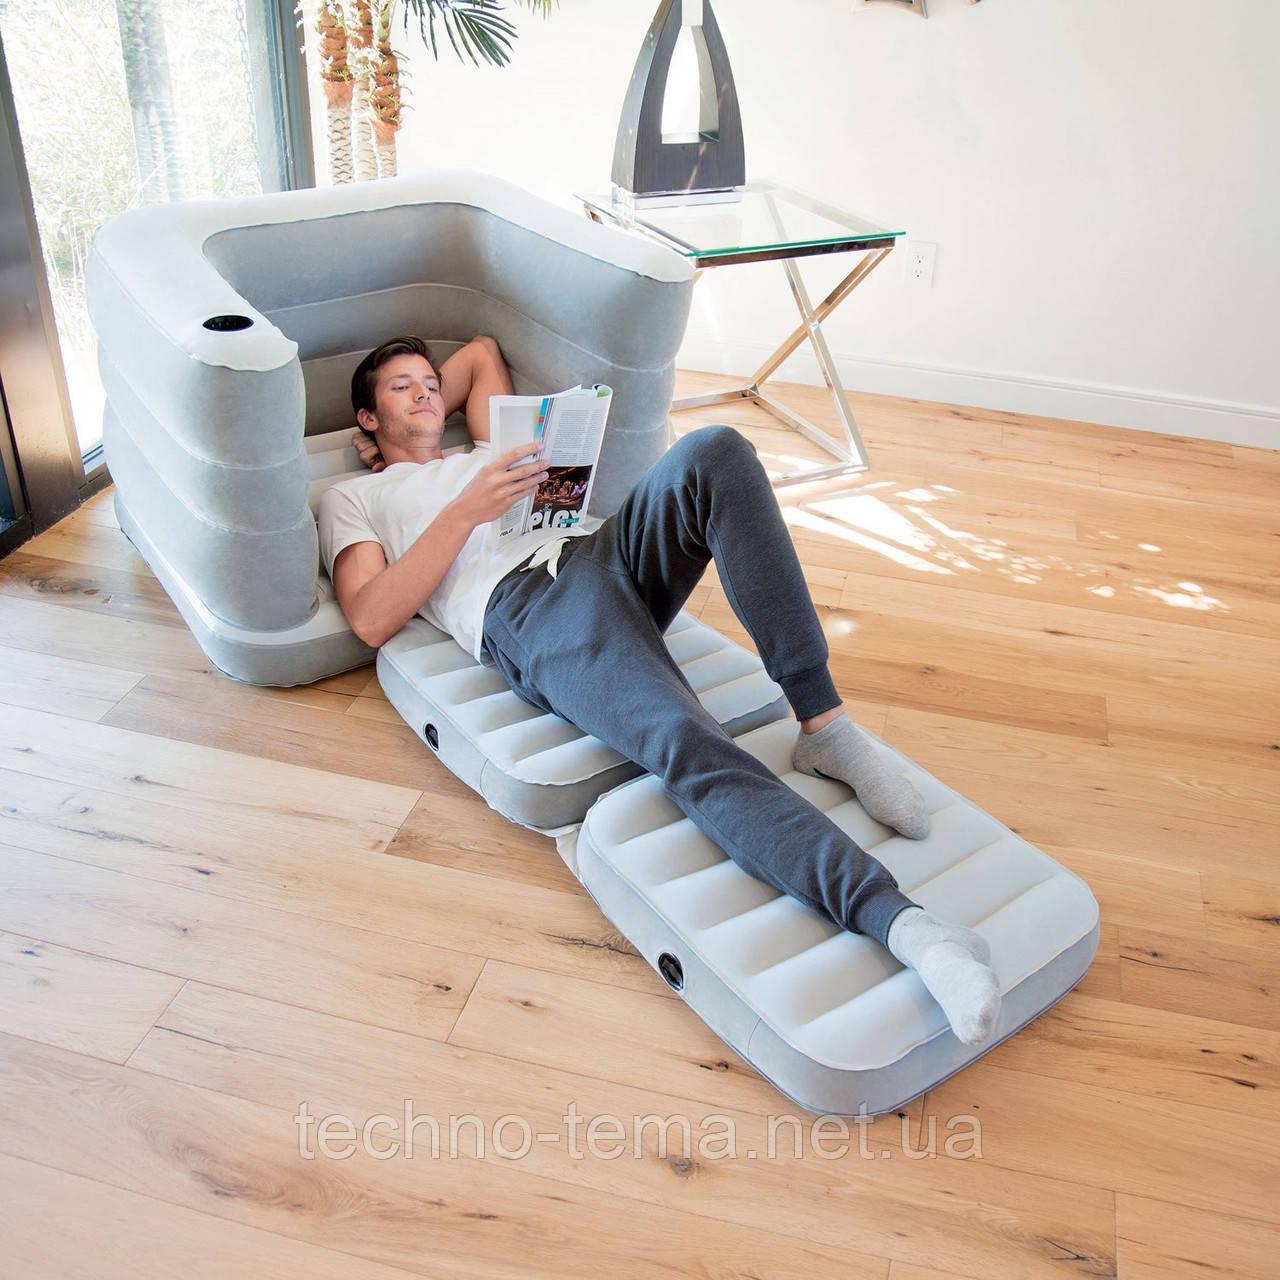 Надувное кресло-трансформер Bestway 75065